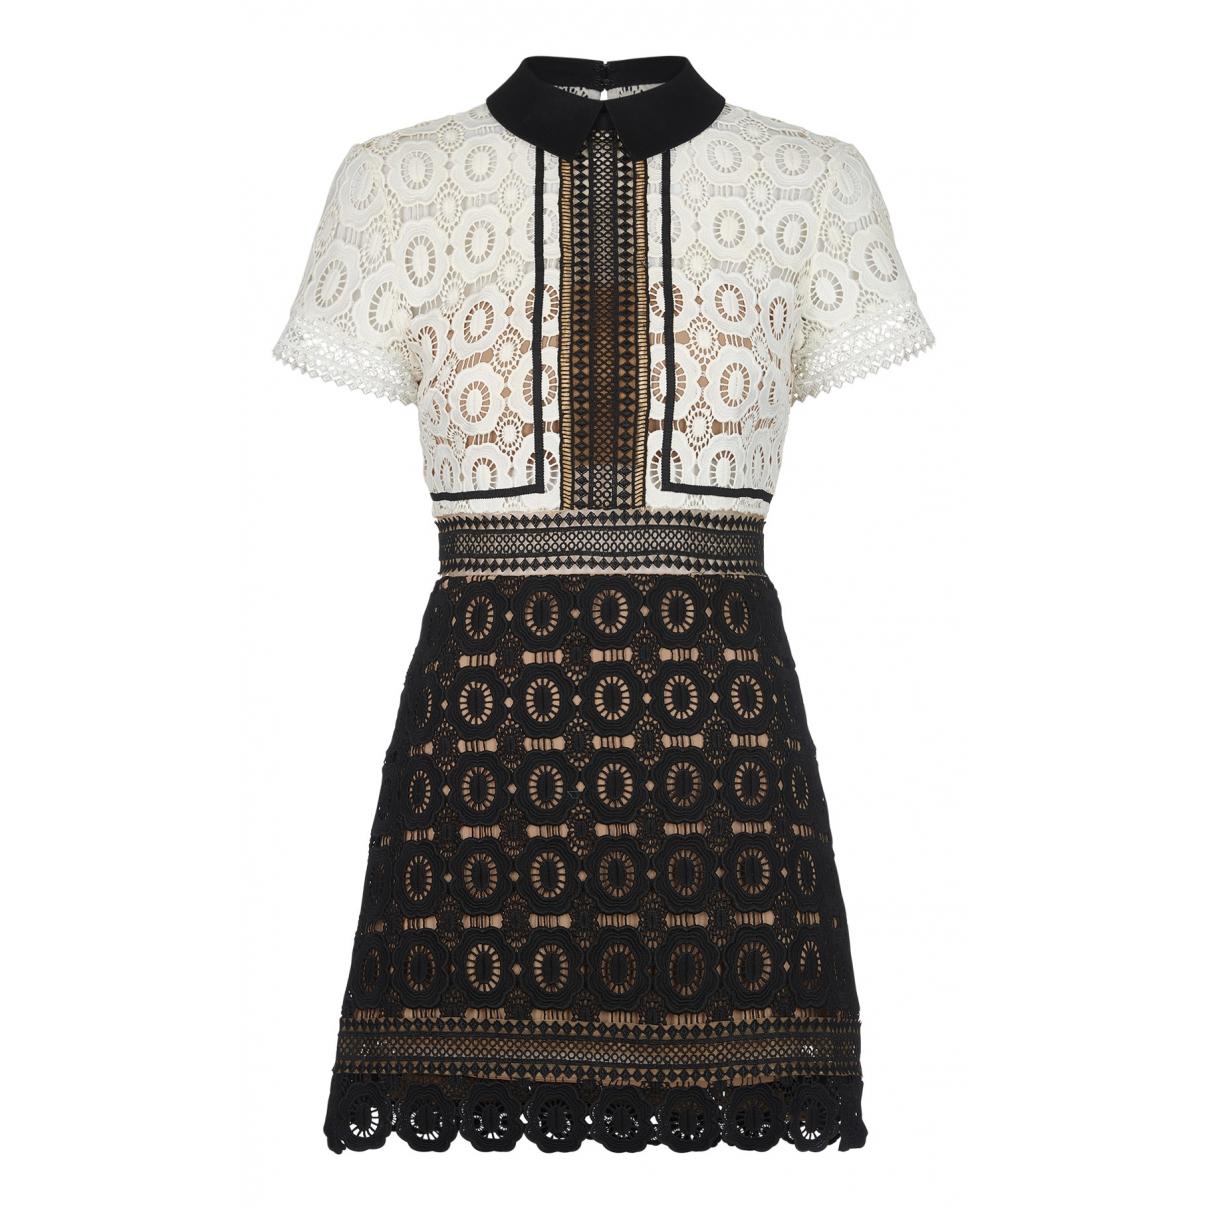 Self Portrait N Multicolour Cotton dress for Women 8 UK